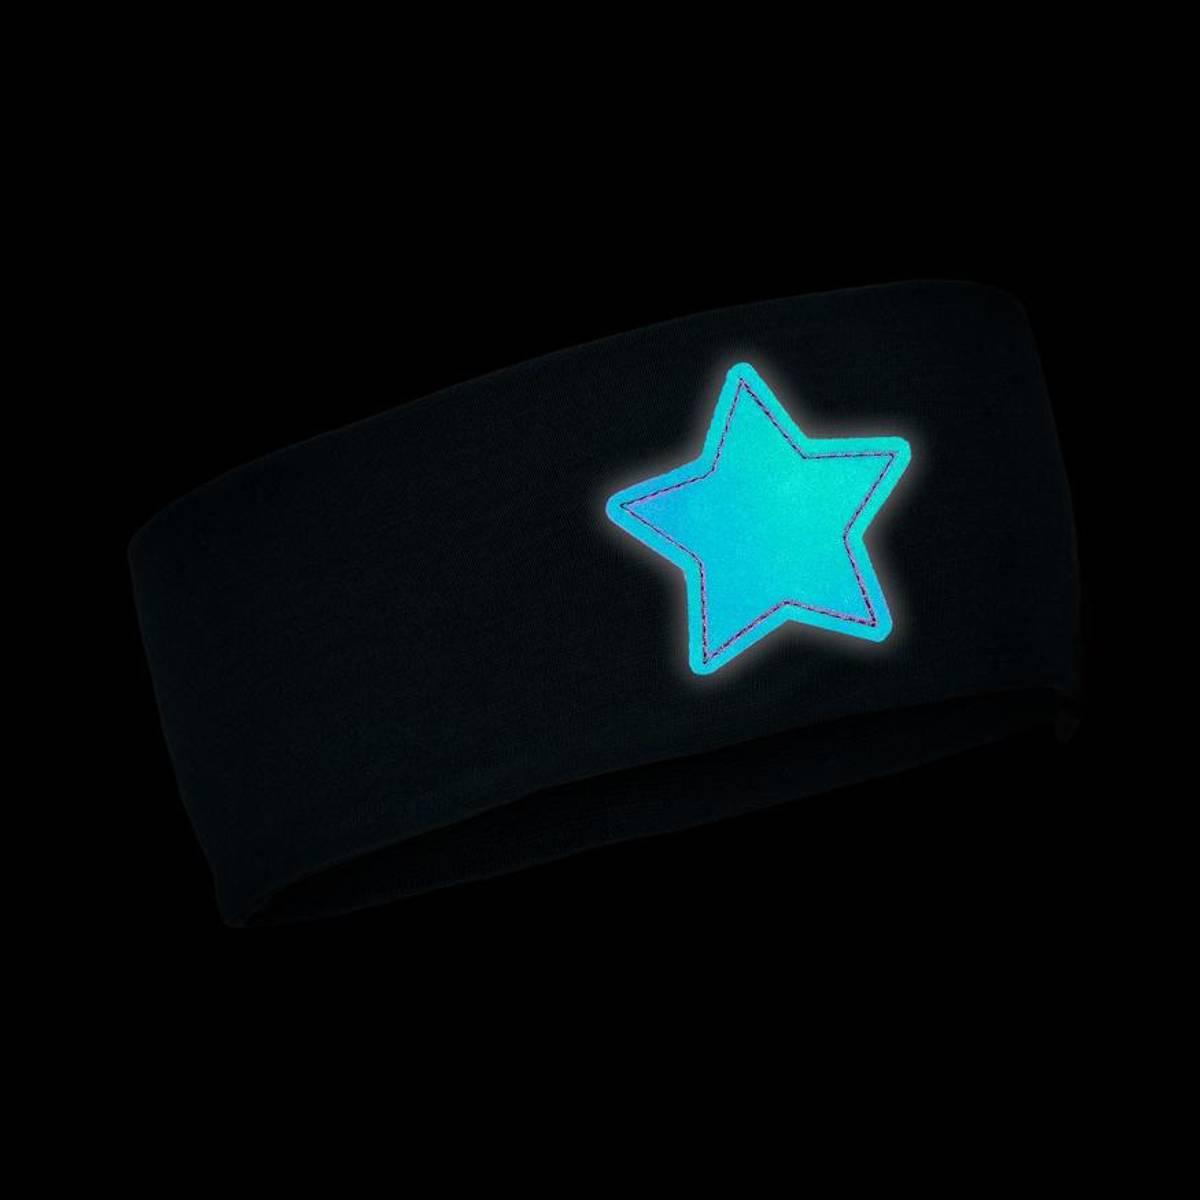 Morild Nordstjerne pannebånd med refleks, midnattsblå